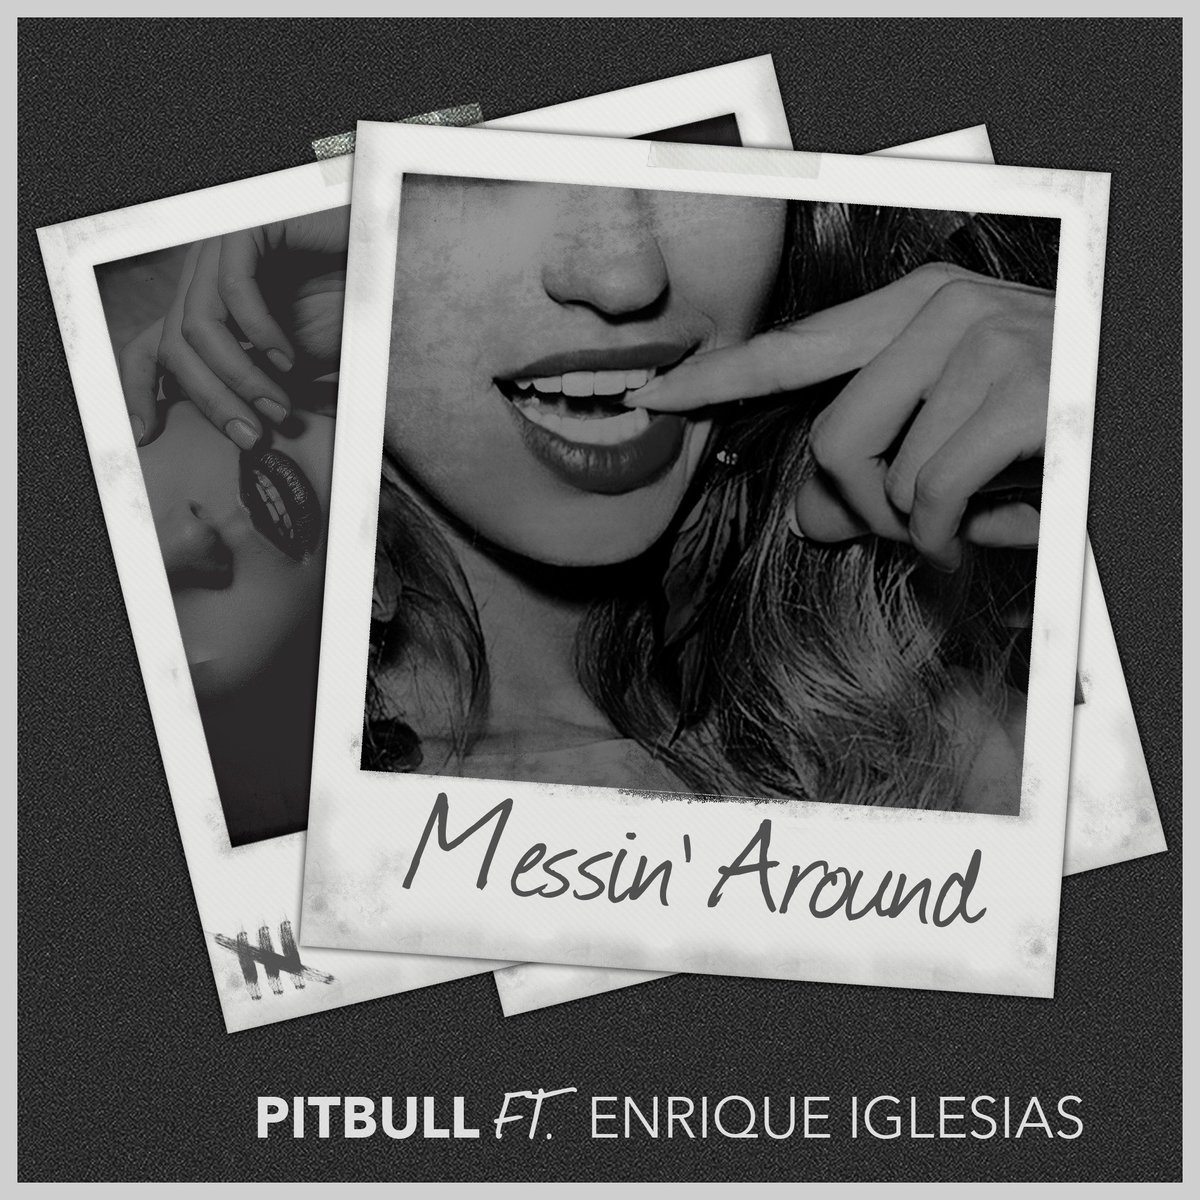 She's got me like na na na na na  #MessinAround RT @pitbull: Anyone Messin' Around today?  https://t.co/Y8ncUU3Ran https://t.co/bQeST9EpL0